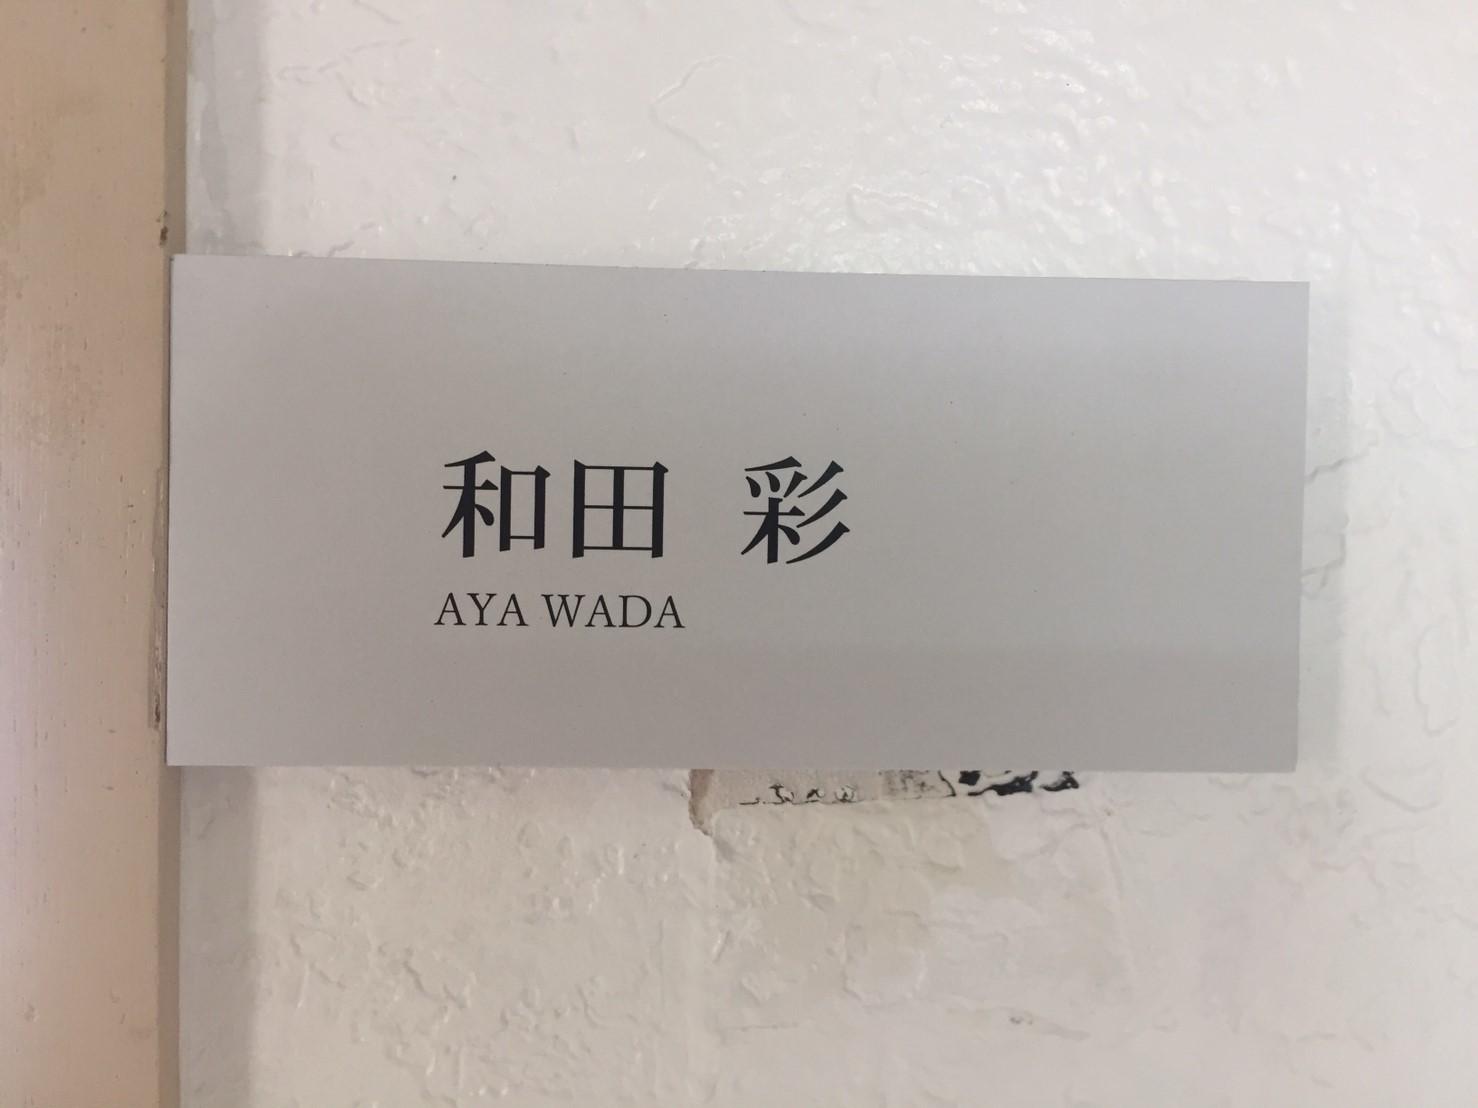 岩美現代美術展 2019_e0115904_01430844.jpg